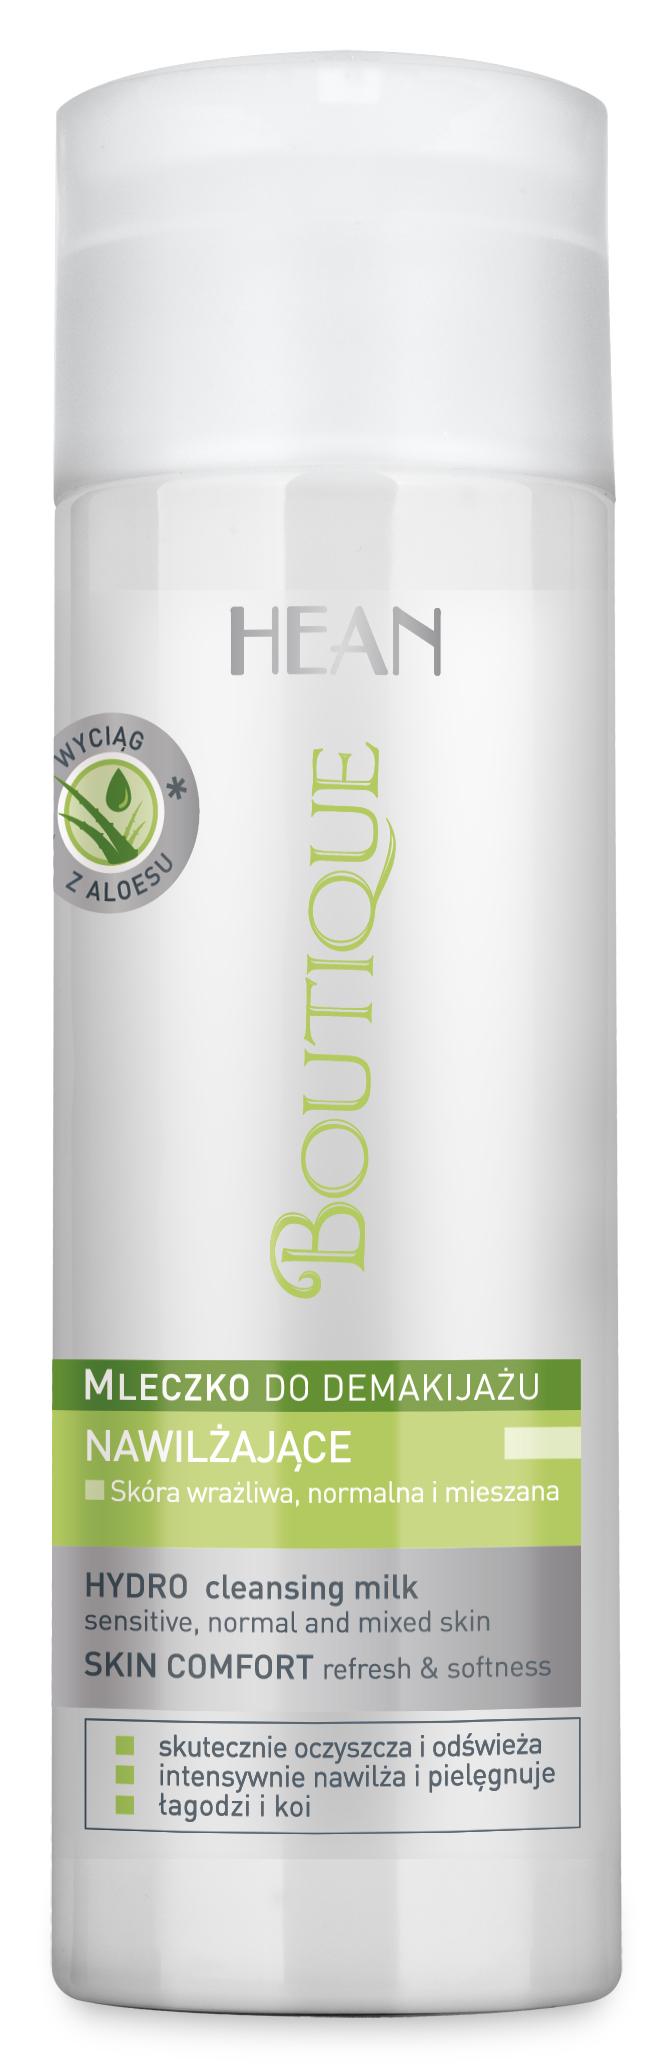 Hean Boutique Hydratační pleťové mléko 200 ml